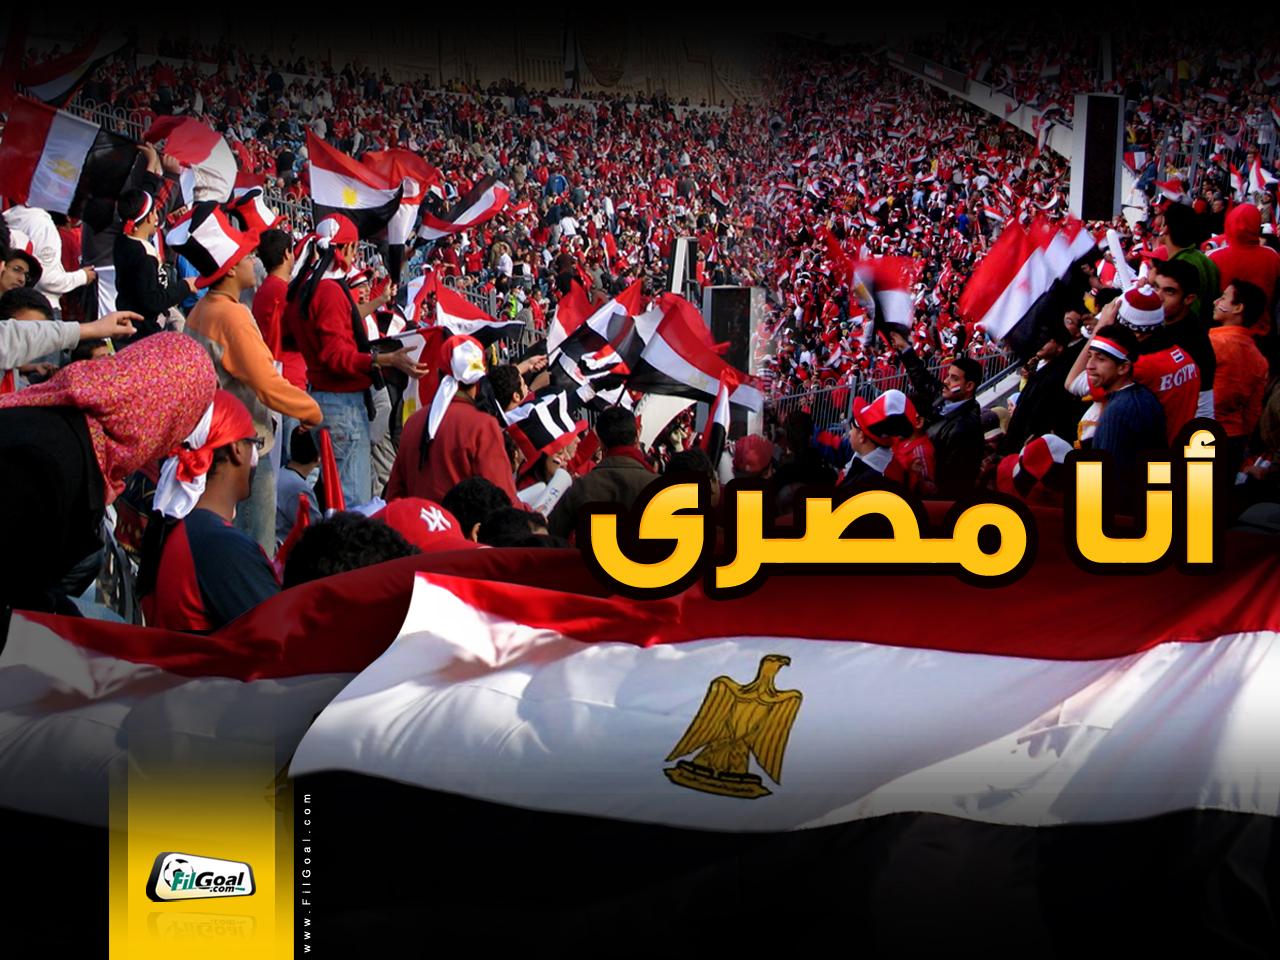 http://2.bp.blogspot.com/-wXXdEsvYHy8/TVrOhYy_tzI/AAAAAAAAAAc/_V2ERy_jQEA/s1600/ana-Masry2.jpg